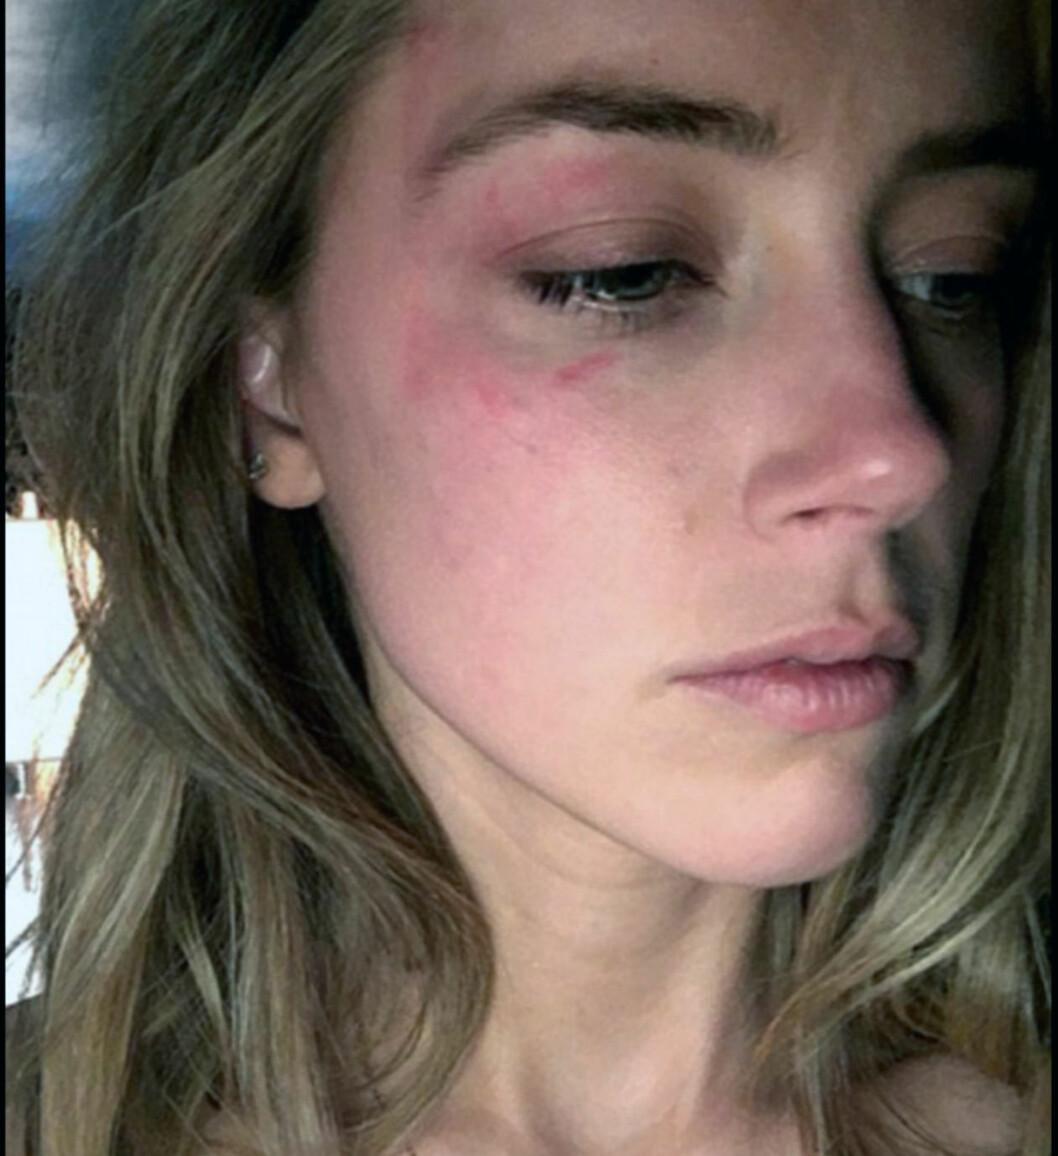 I HARDT VÆR: I slutten av mai offentliggjorde Amber Heard bilder av seg selv med skader hun hevdet var påført av Depp. Kilder nær Depp har avvist Heards anklager som forkastelige og usanne. Foto: Splash News